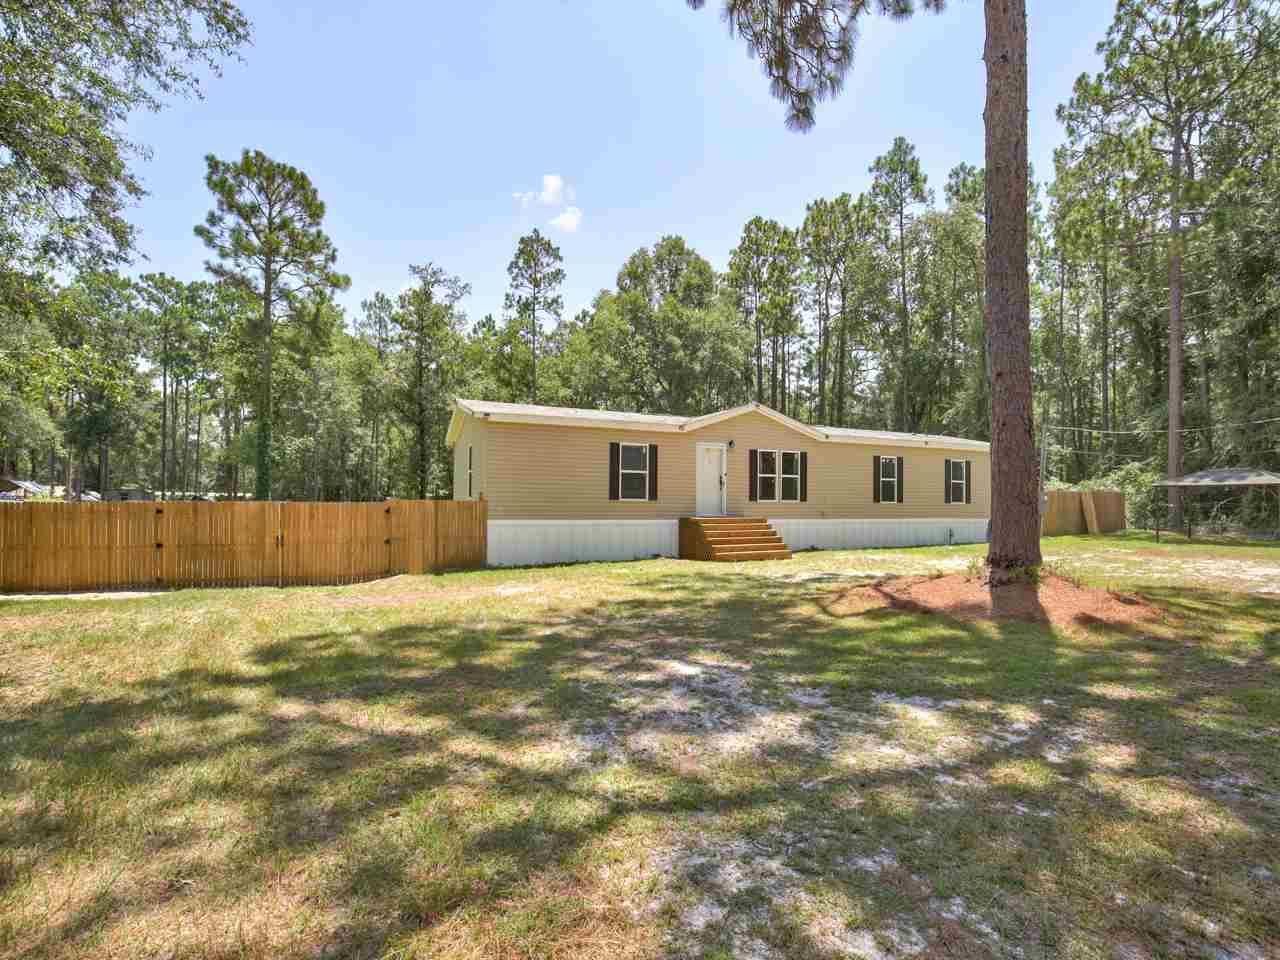 9233 Bartlett Lane, Tallahassee, FL 32305 - MLS#: 322177